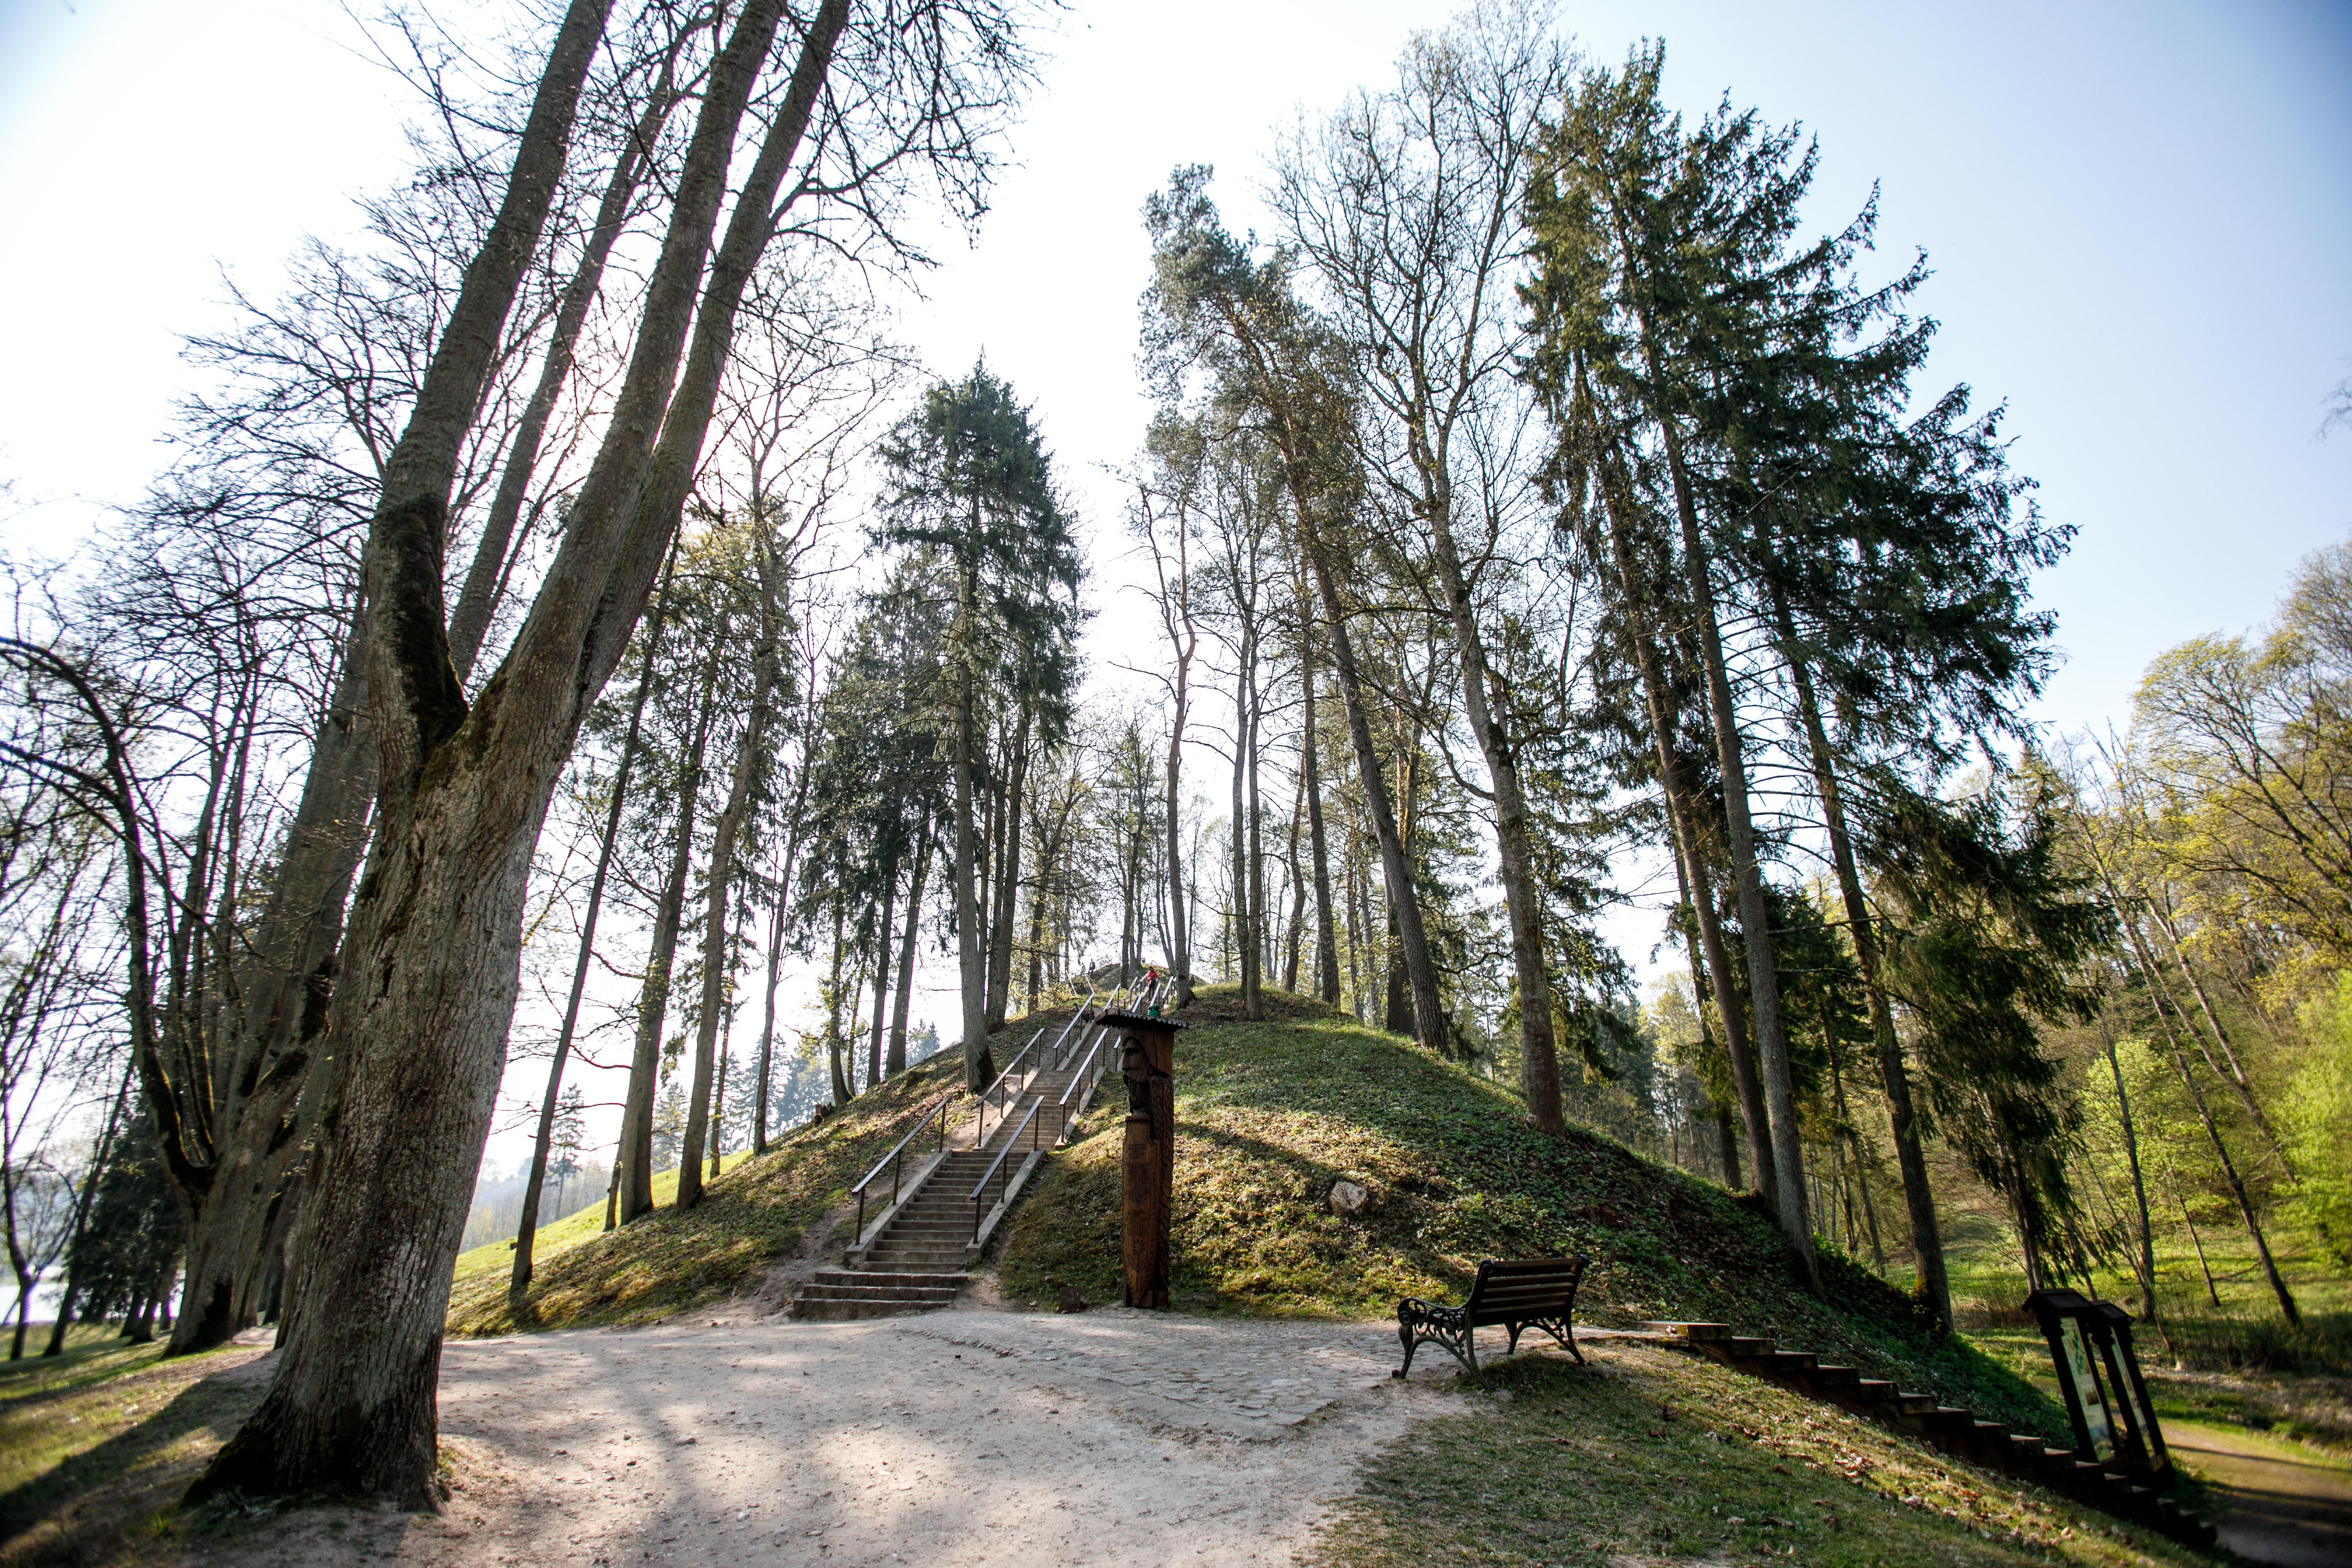 Nemuno kilpų regioninis parkas jau šią vasarą atidarys naują apžvalgos bokštą, kuris, tikėtina, pakartos Anykščių medžių lajų tako populiarumą. Nuo aukščiausio Lietuvoje apžvalgos bokšto lankytojai pagaliau galės išvysti, kaip šioje vietoje rangosi galingasis Nemunas. Iki šiol peizažų mylėtojai kopdavo į Balbieriškio atodangą, Birštono ir Punios piliakalnius. Šiame parke taip pat gausu pažintinių takų, jau į horizontalią padėtį atsigulusių ir vis dar išdidžiai stovinčių šimtamečių medžių-galiūnų.